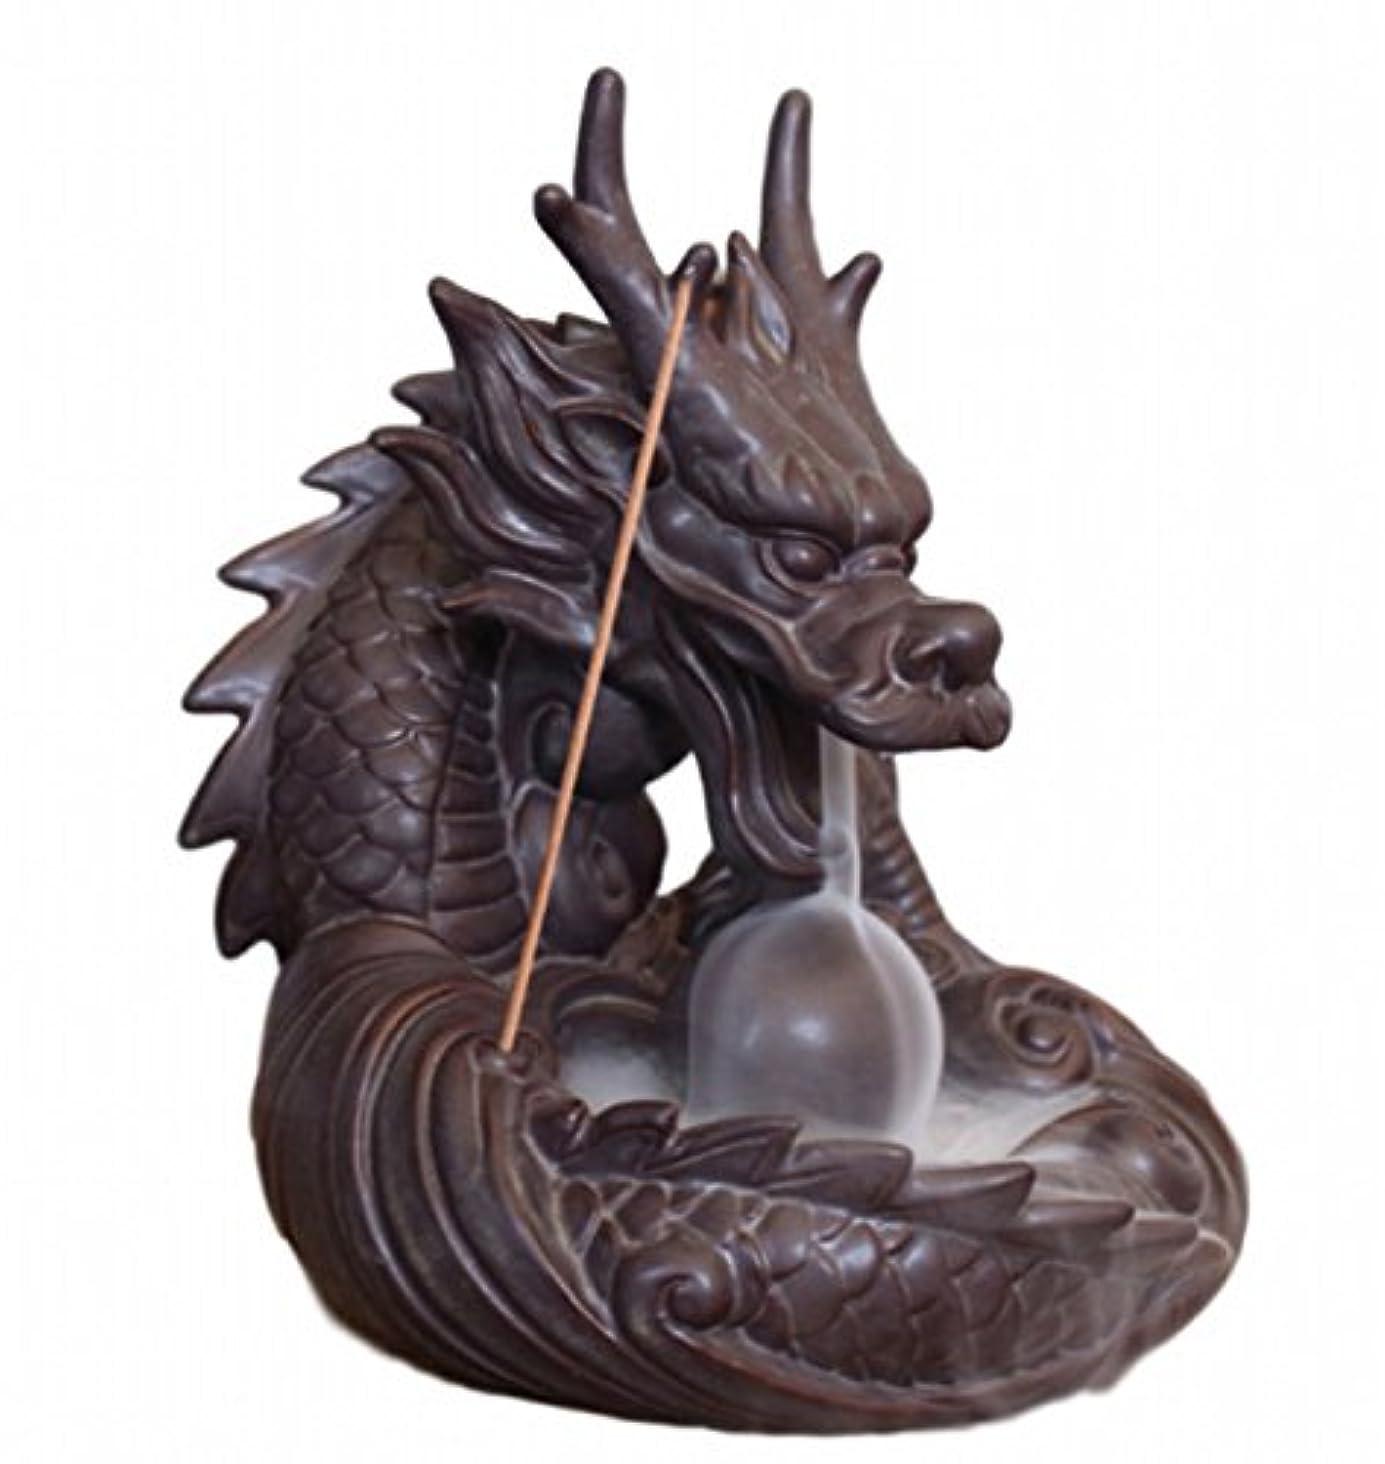 ひも融合議題【Rurumiマーケット】不思議なお香 倒流香 用 香炉 ドラゴン お試しお香付き 流川香 陶器製 (ドラゴンB)